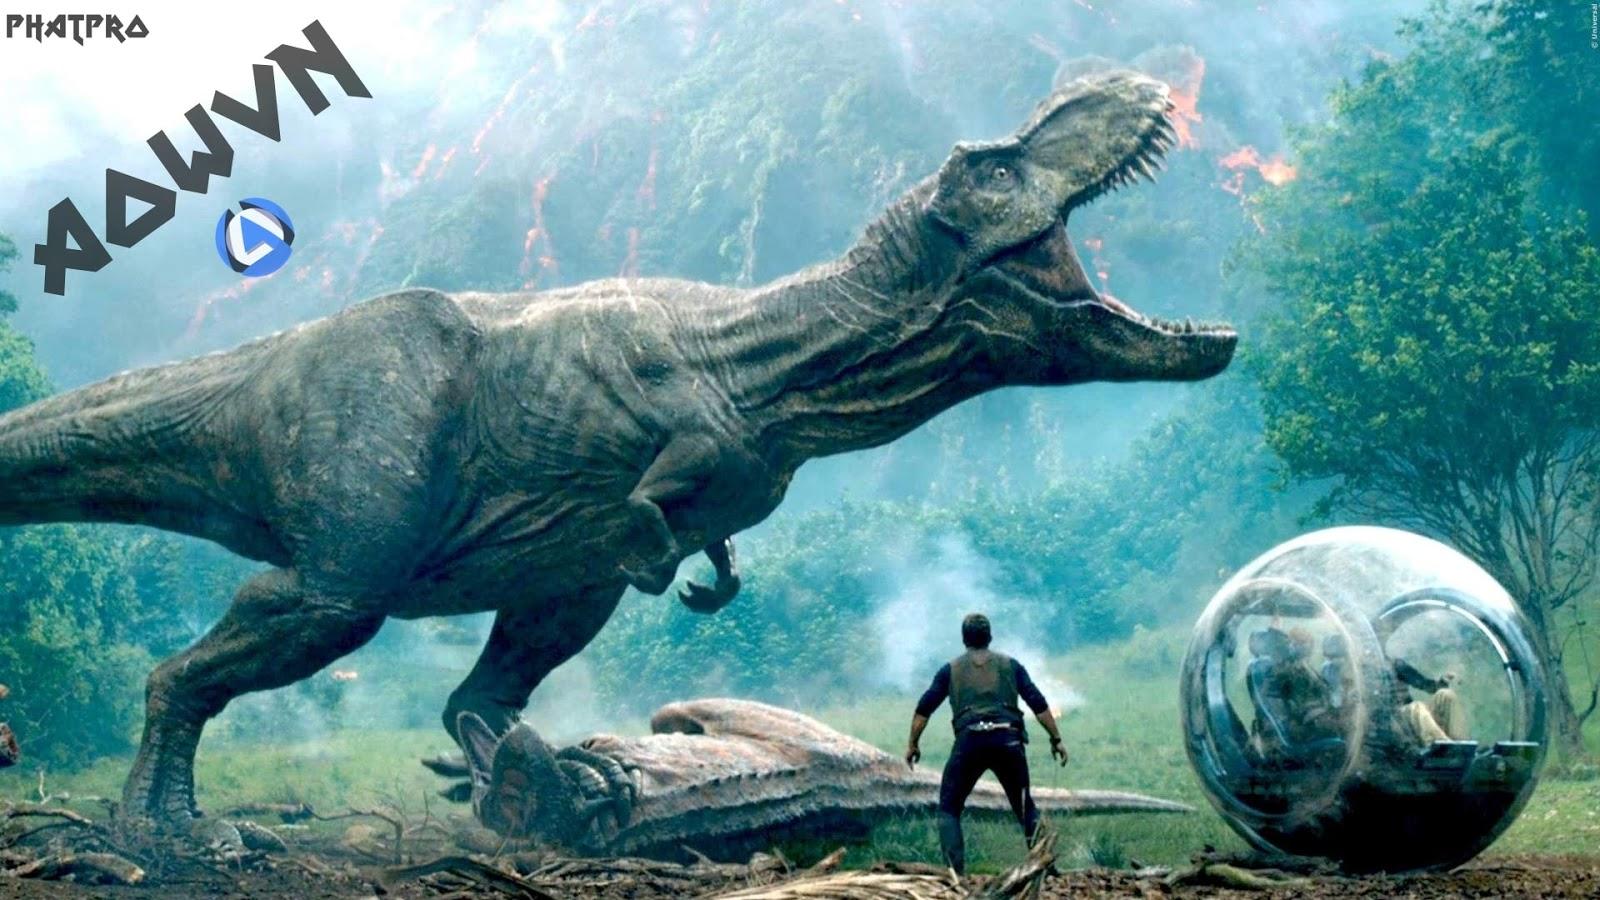 Jura%2B %2BPhatpro min - [ Phim 3gp Mp4 ] Tổng Hợp 5 Phần Jurassic Park + Jurassic World HD-BD | Vietsub - Bom Tấn Mỹ Siêu Hay